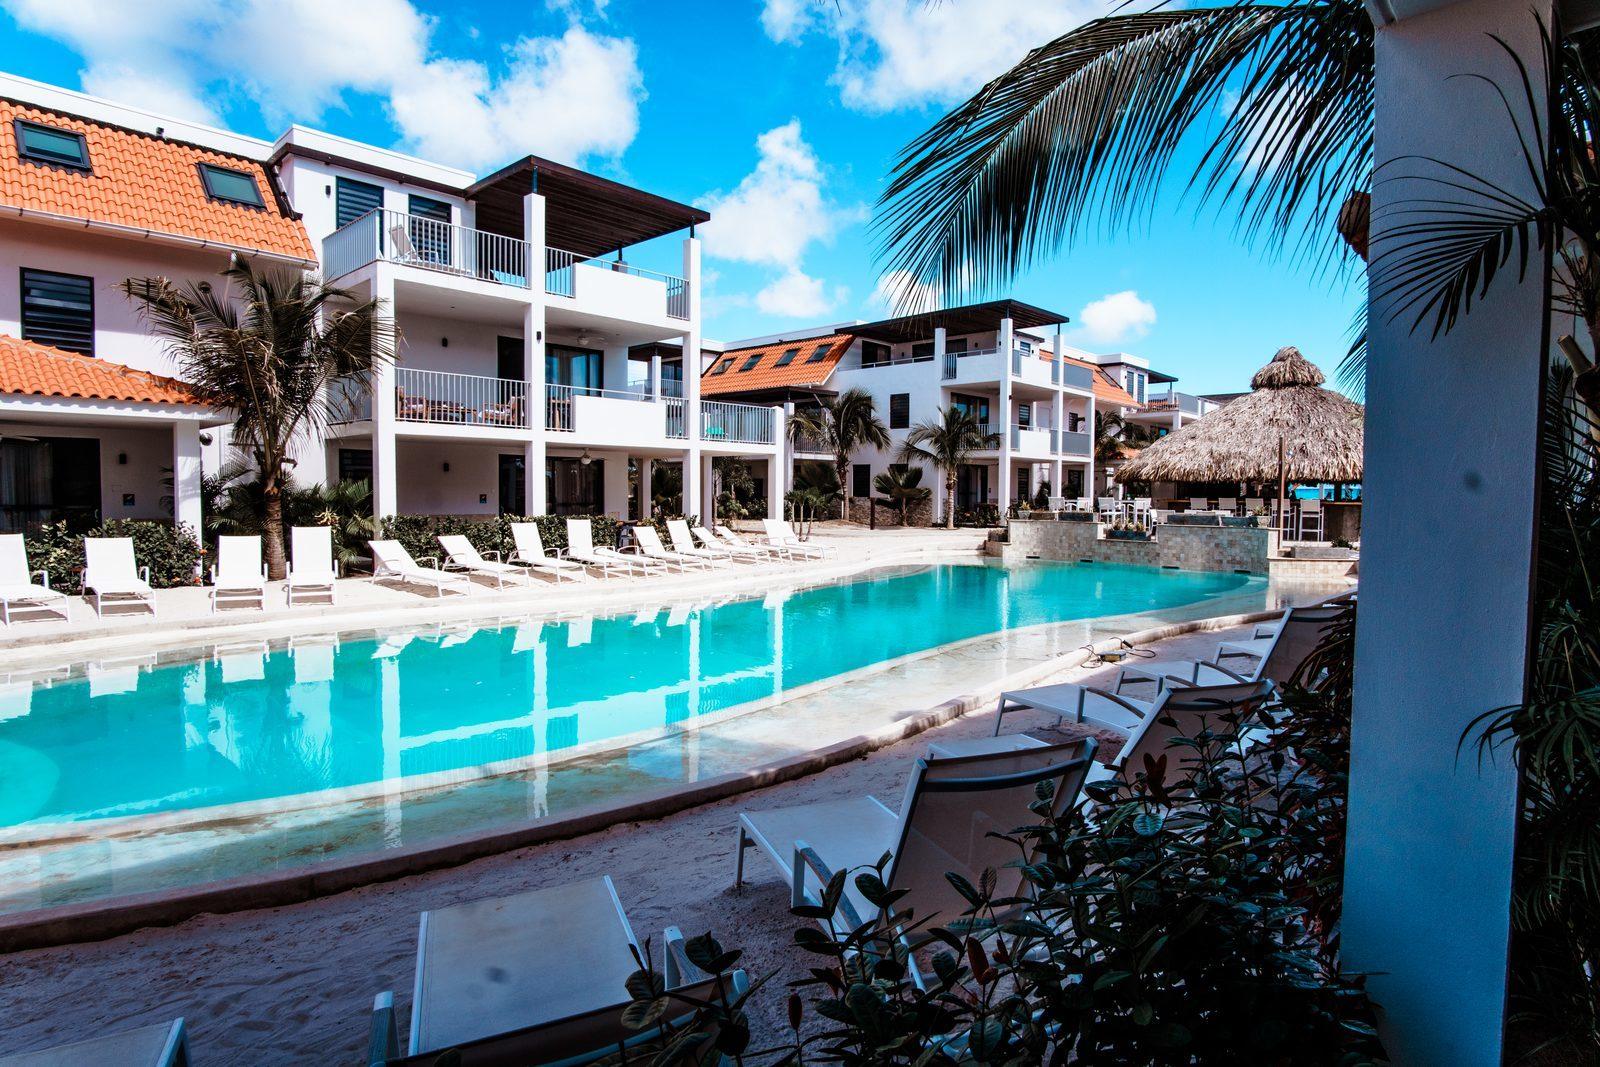 Das Resort Bonaire ist einer der wunderschönen Ferienorte auf Bonaire. Das Resort bietet unter anderem einen hübschen Swimmingpool.